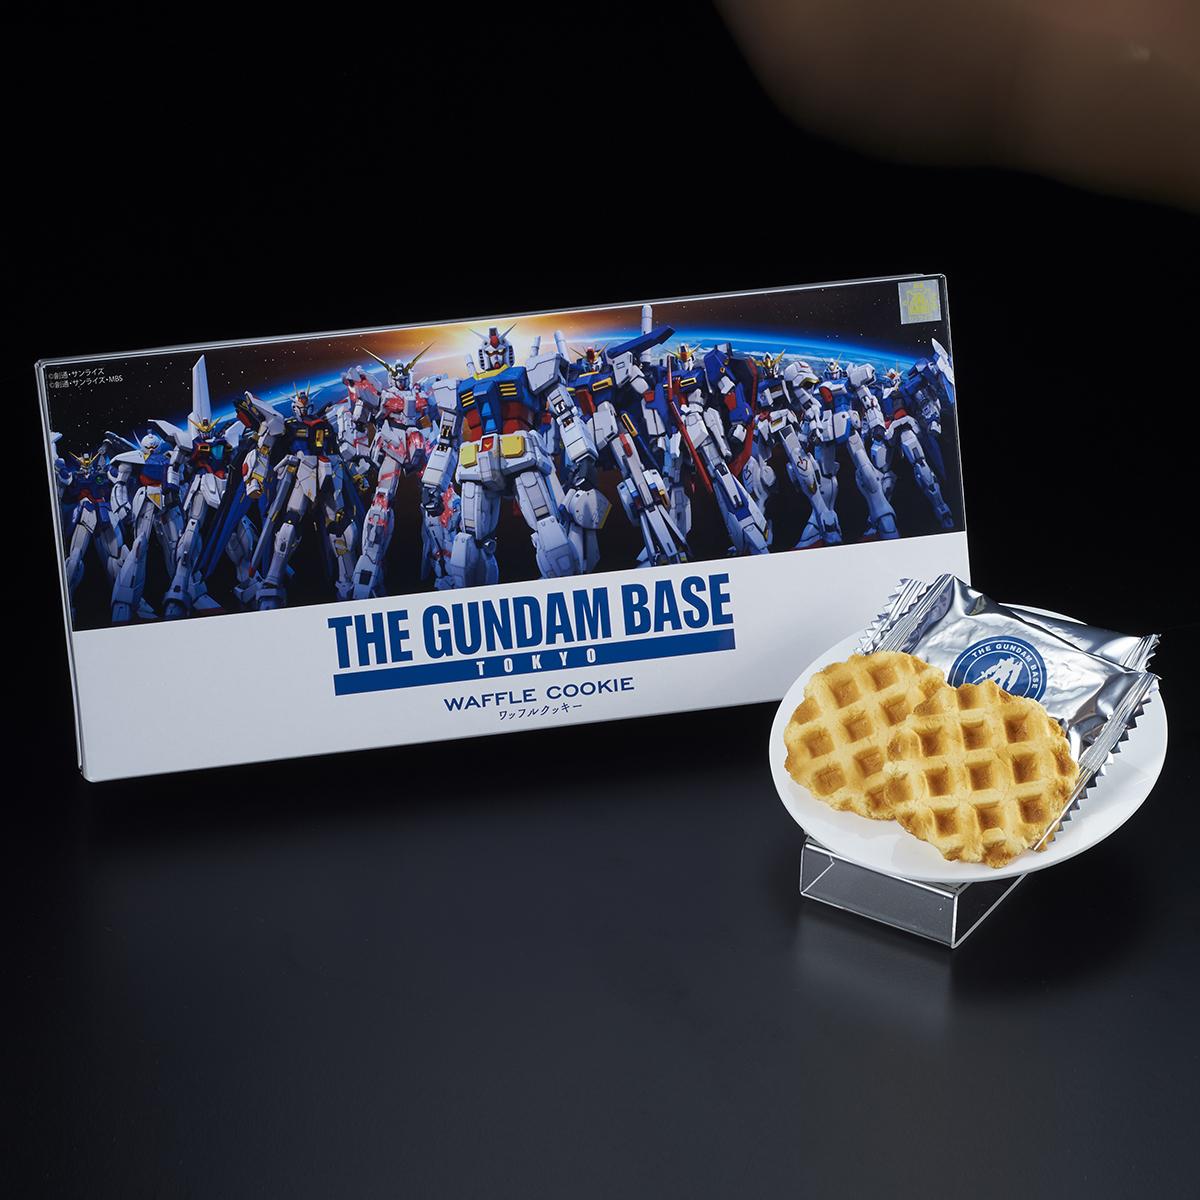 THE GUNDAM BASE ワッフルクッキー